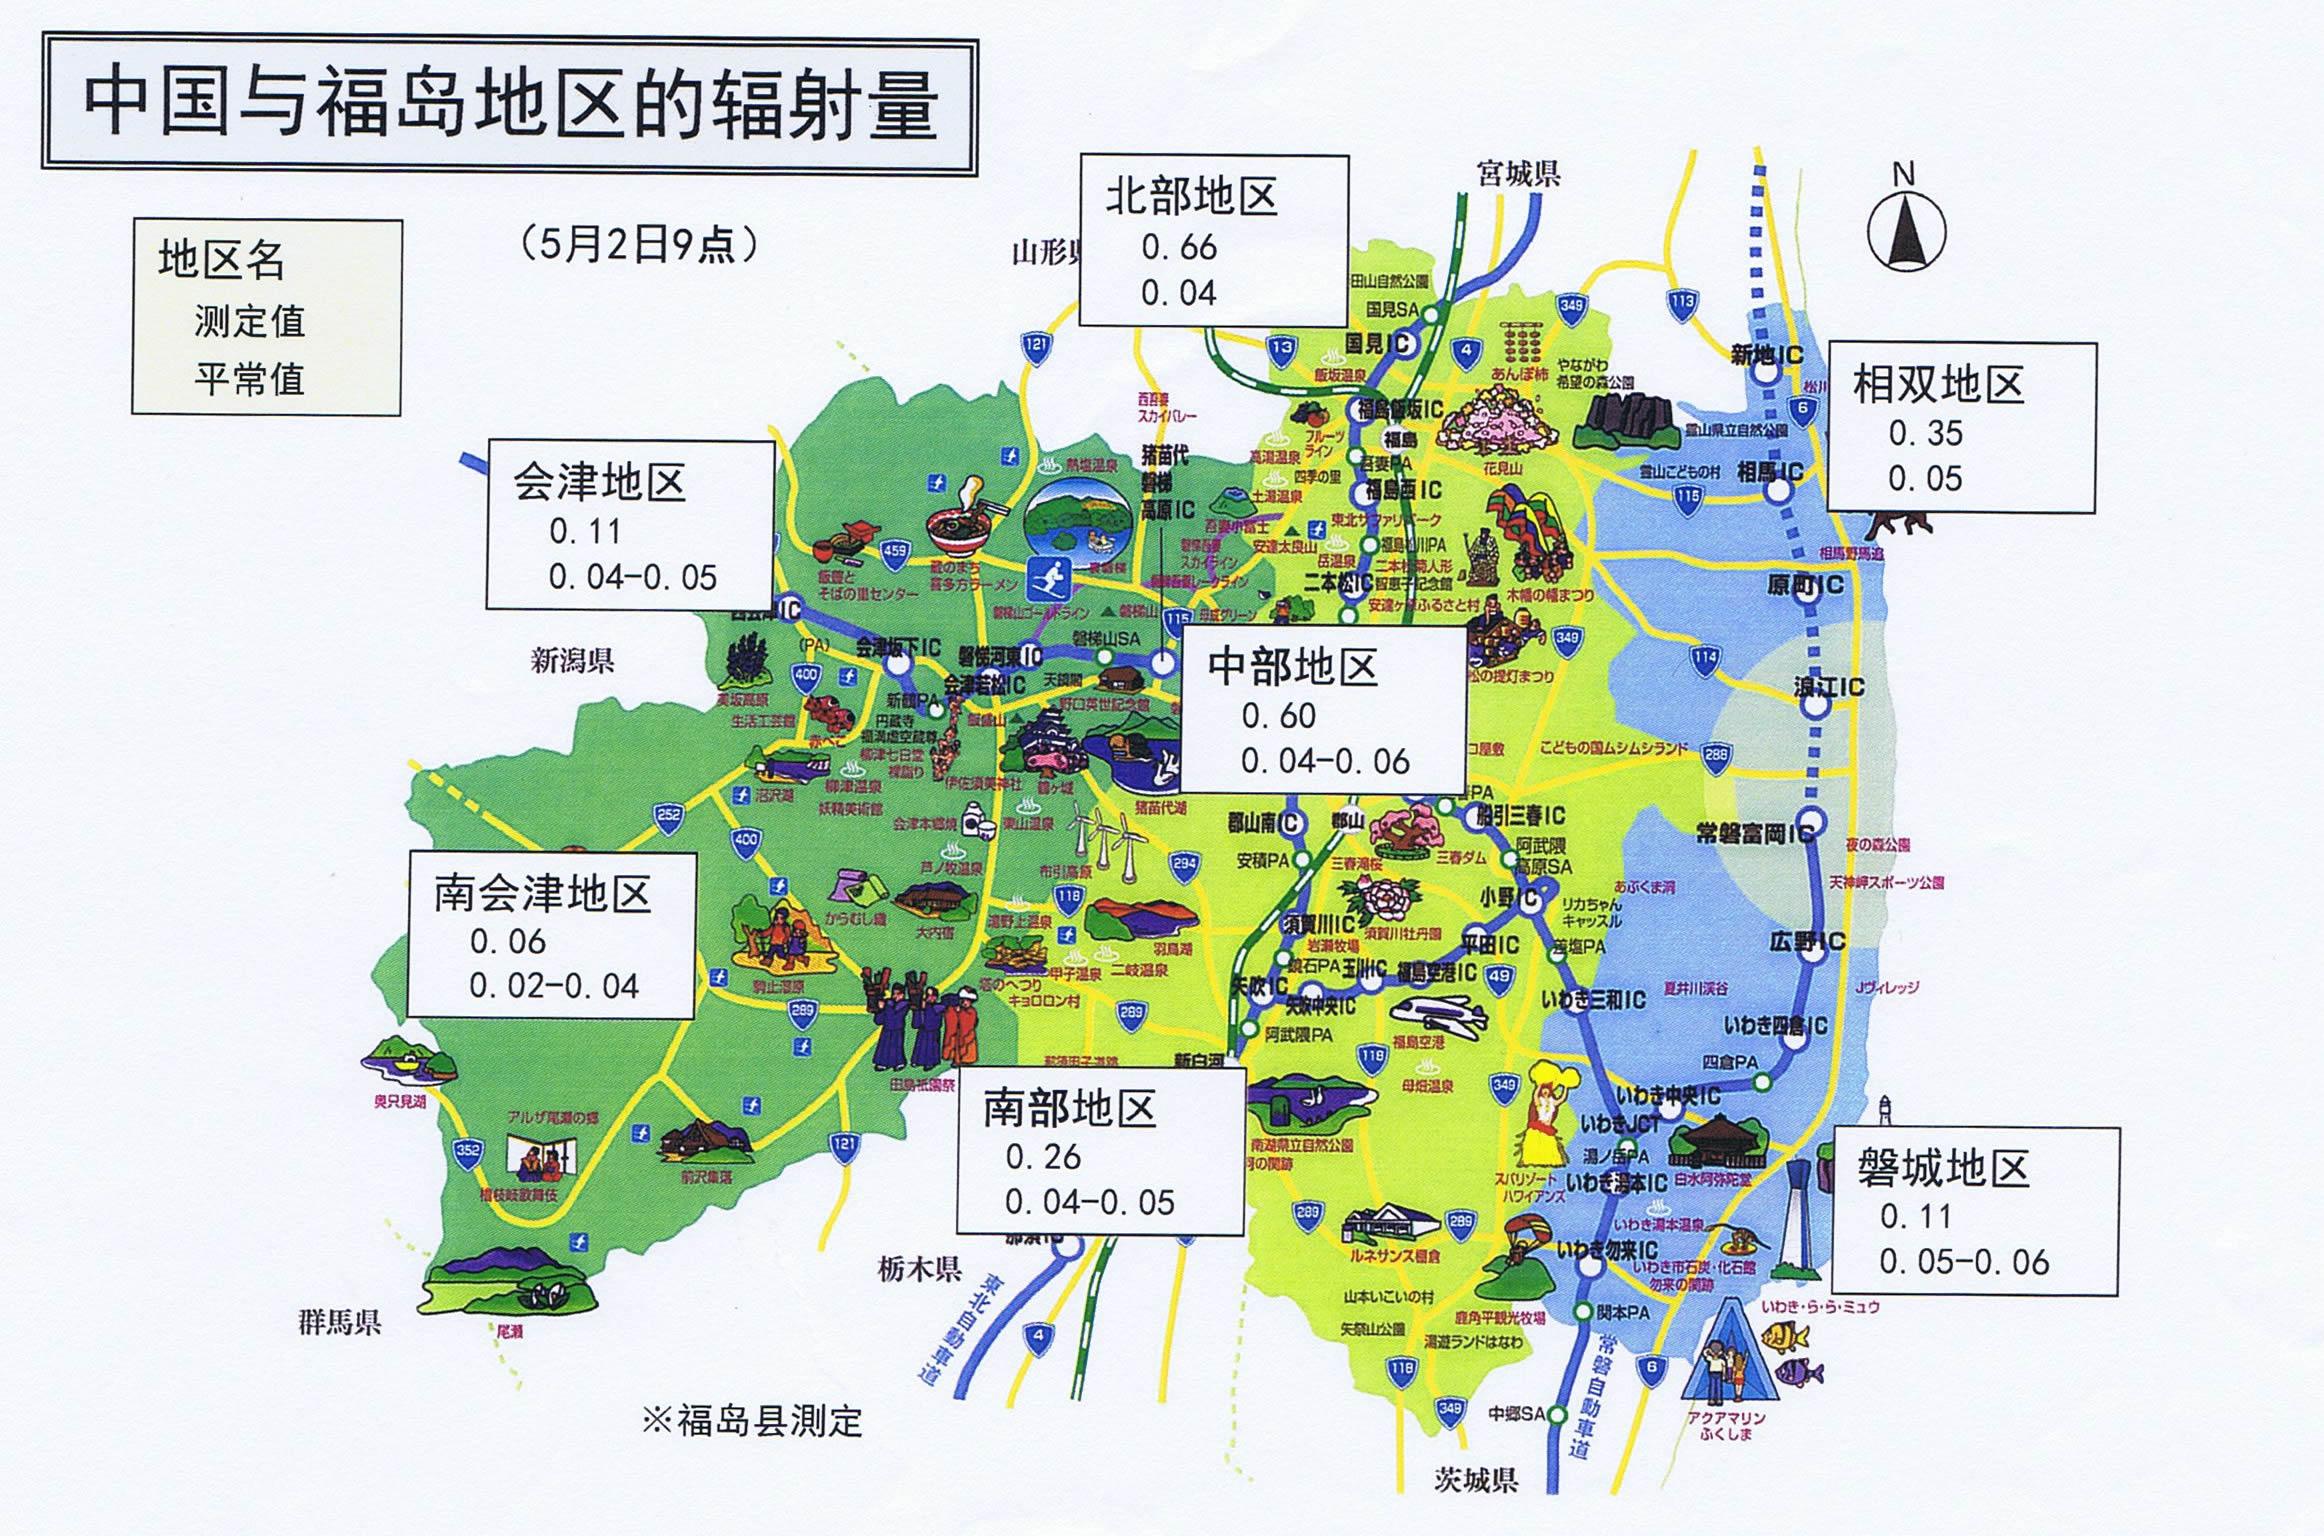 上海中国青年旅行社推出日本福岛日光东京5日游